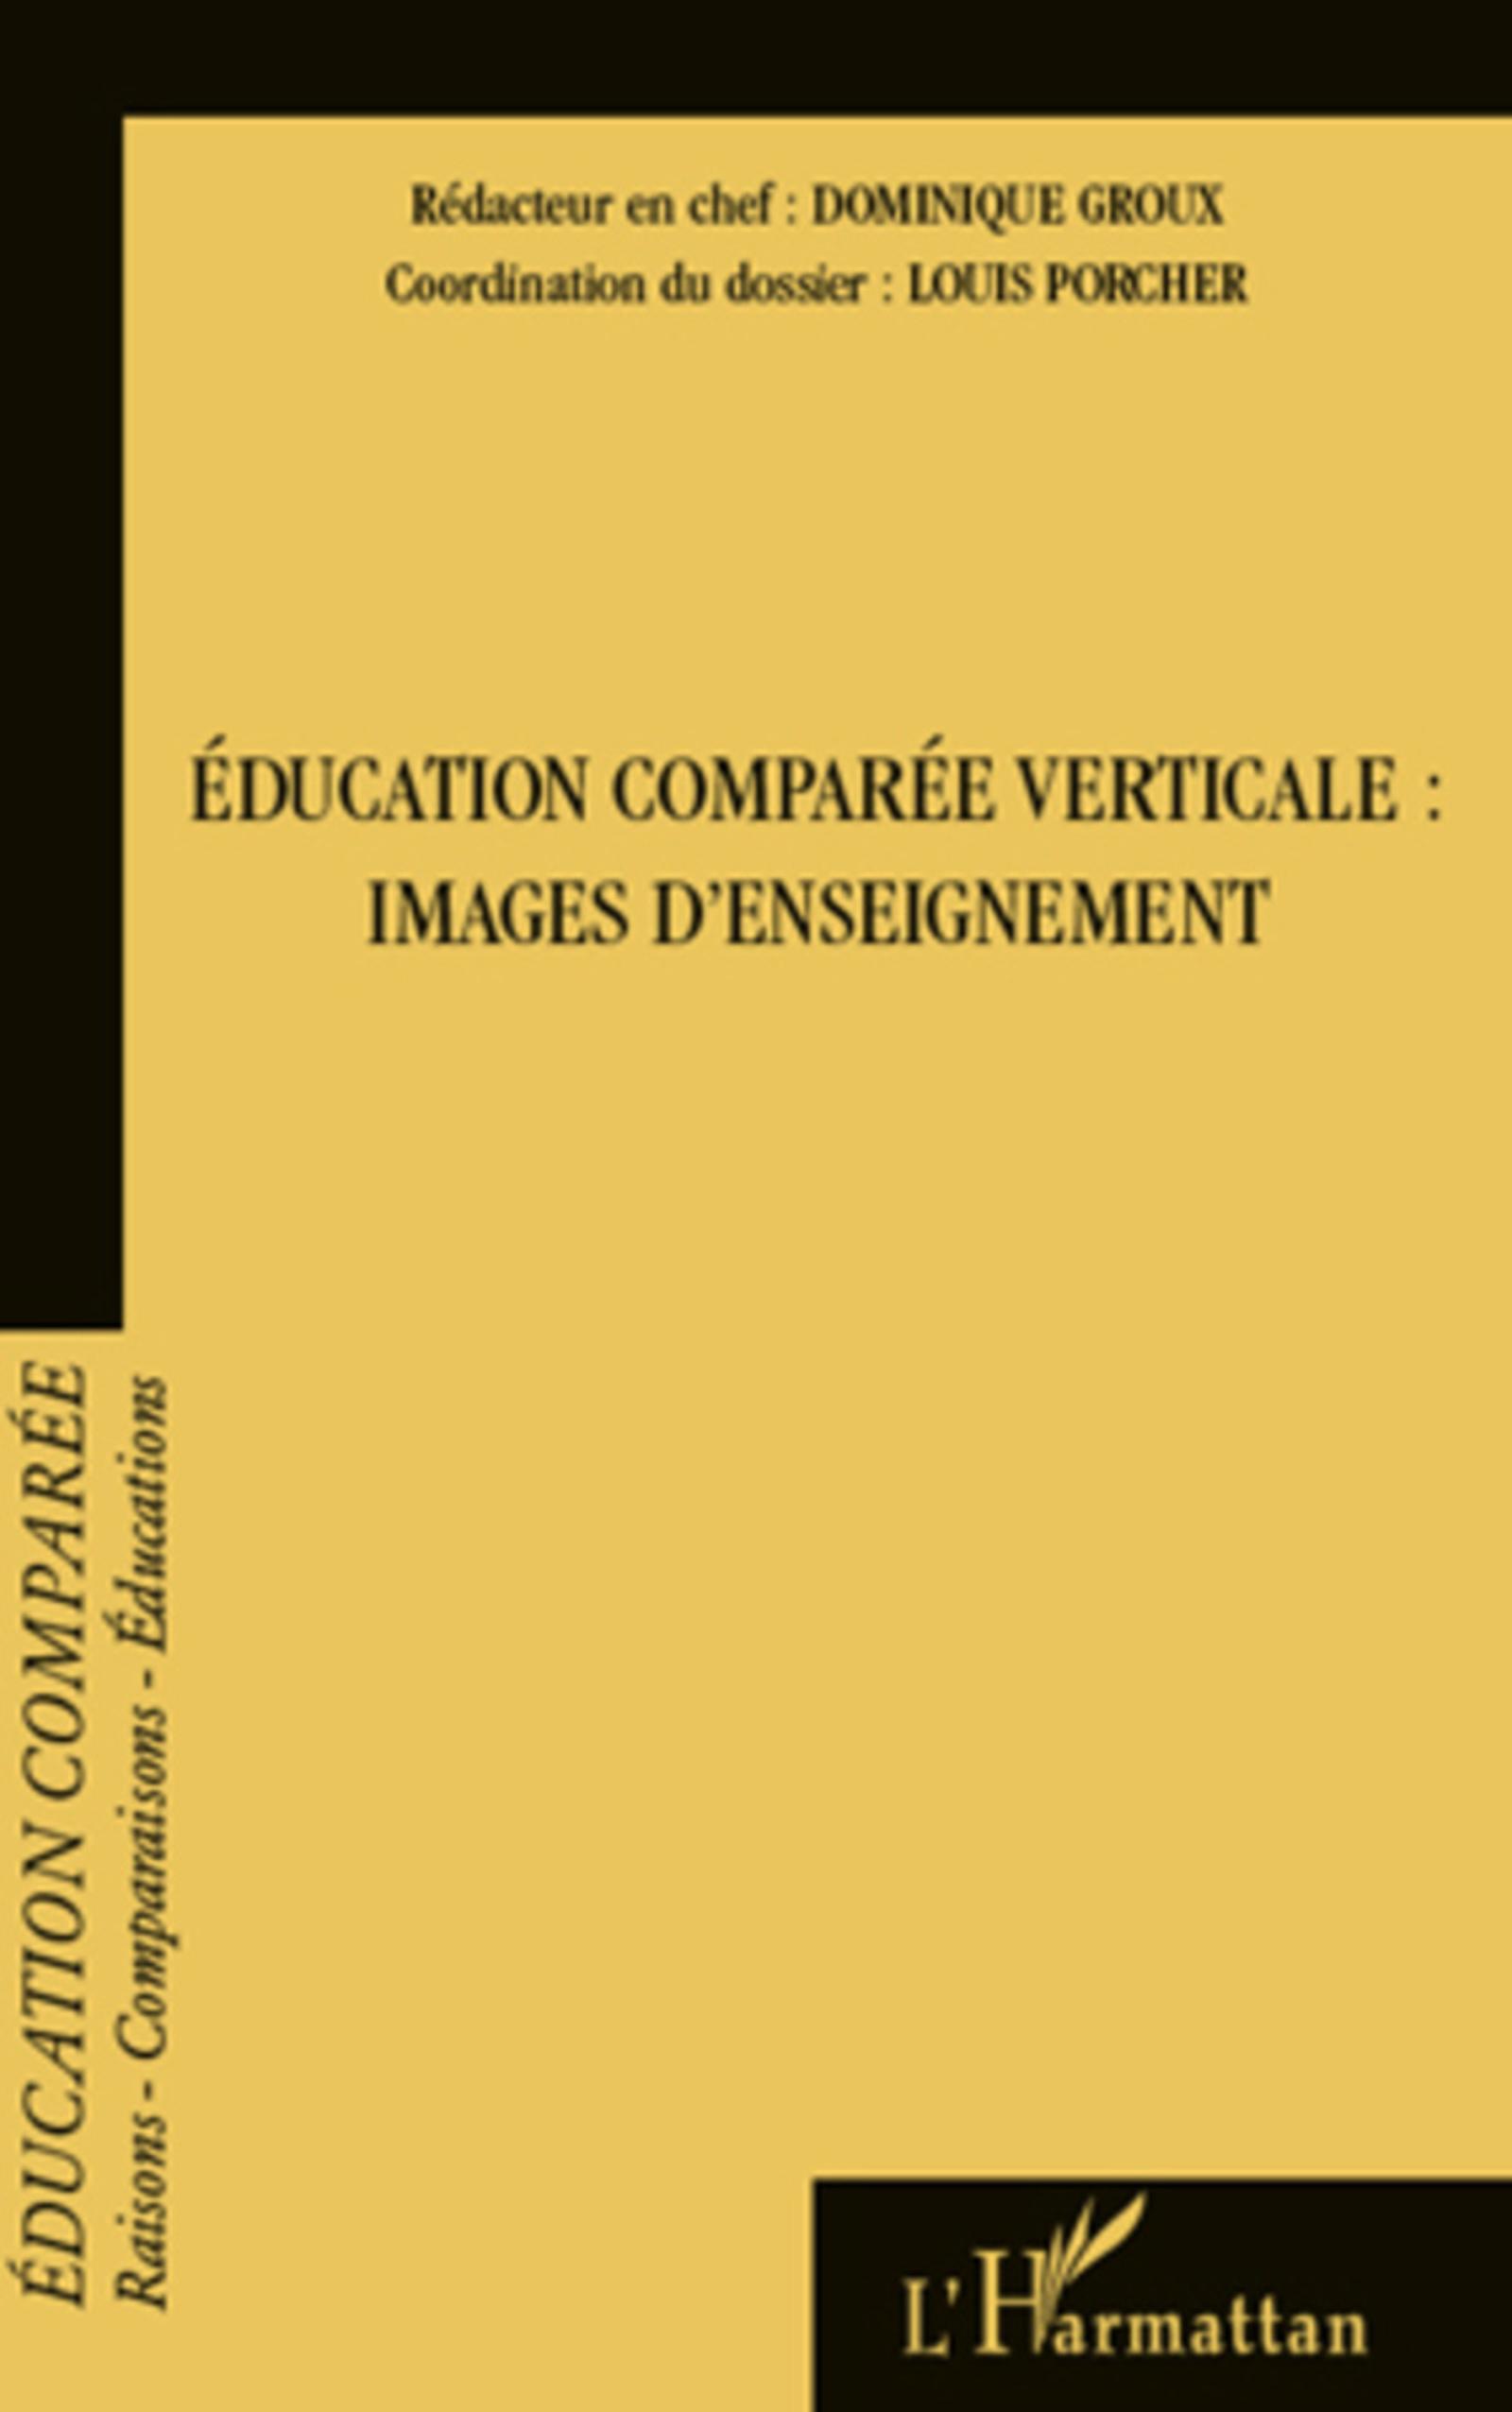 éducation comparée verticale ; images d'enseignement